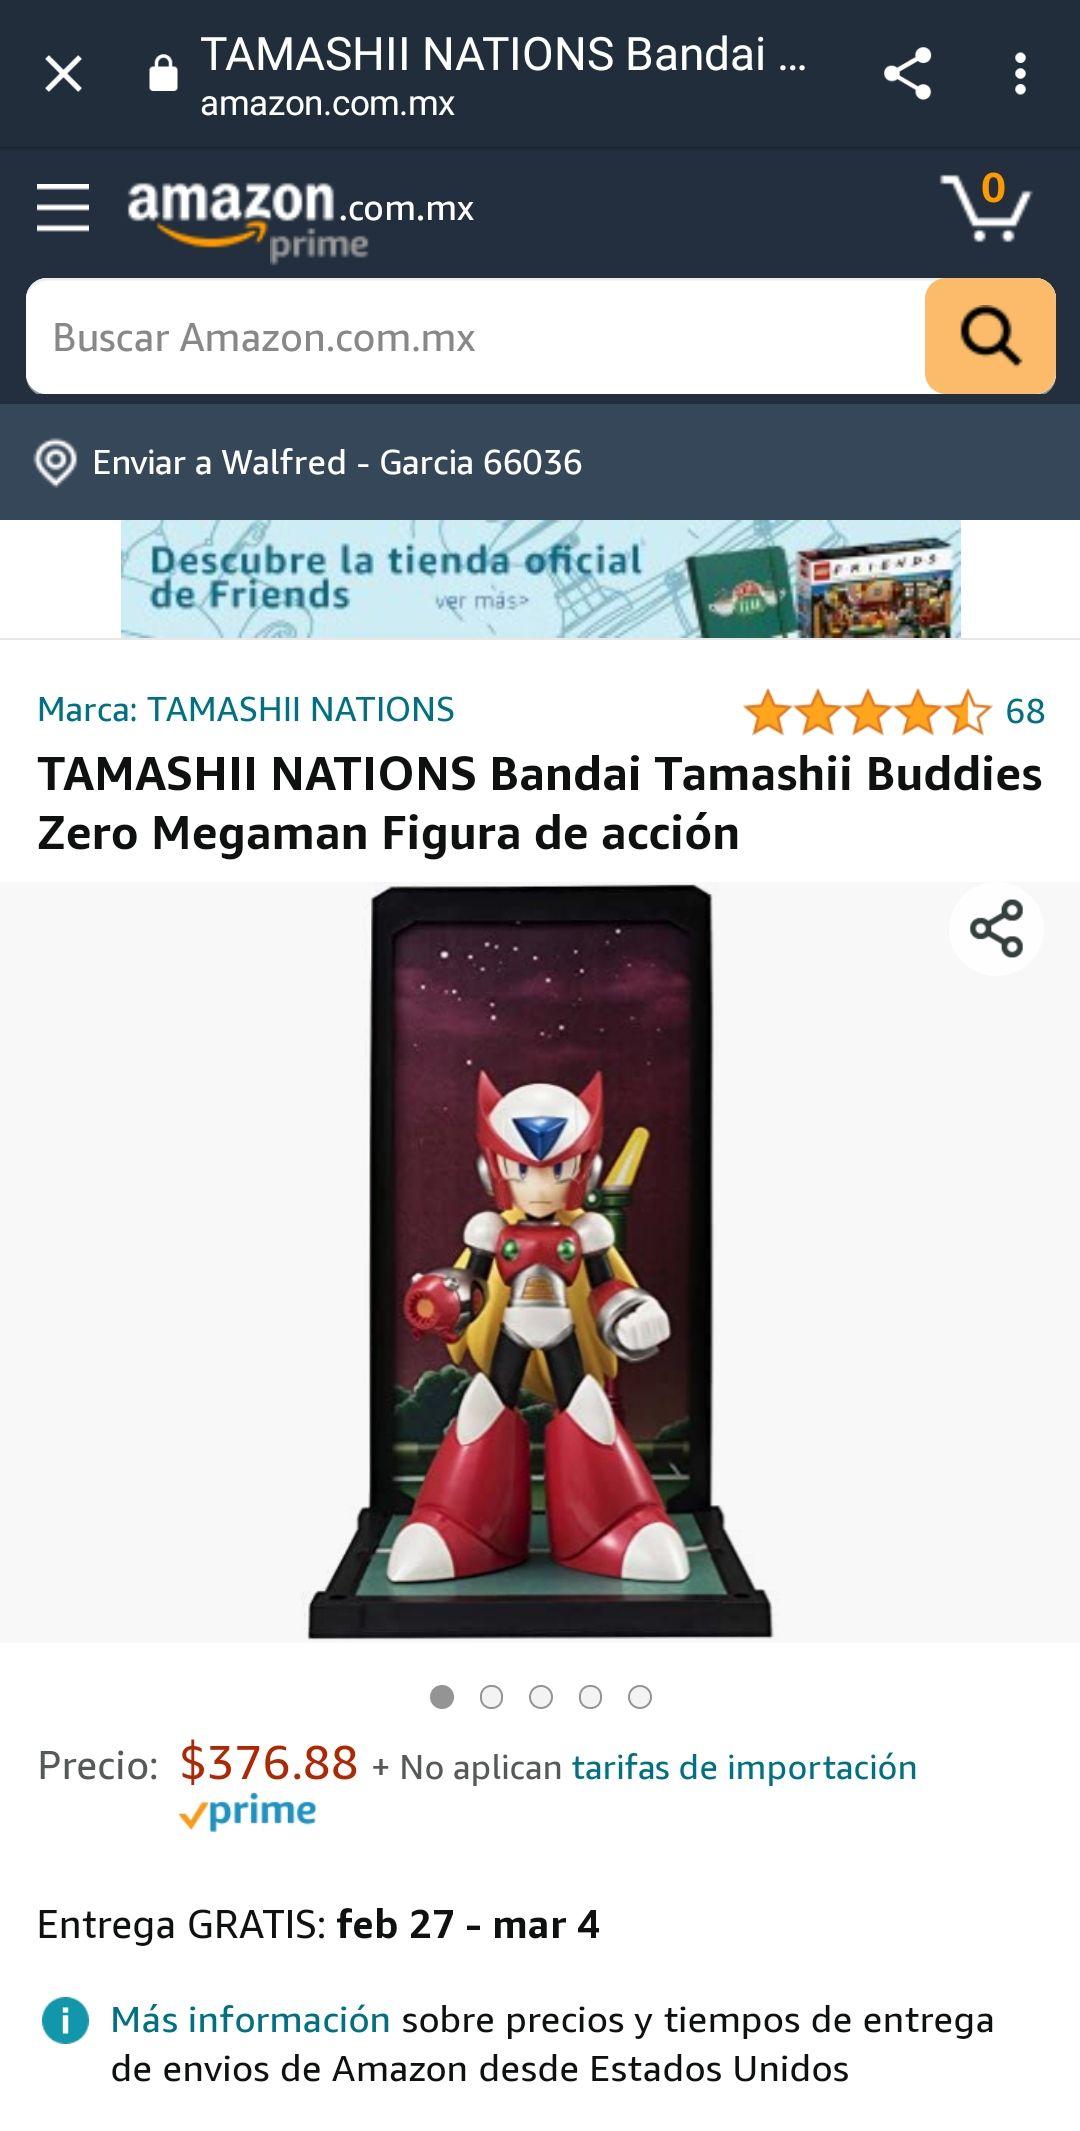 Amazon: TAMASHII NATIONS Bandai Tamashii Buddies Zero Megaman Figura de acción